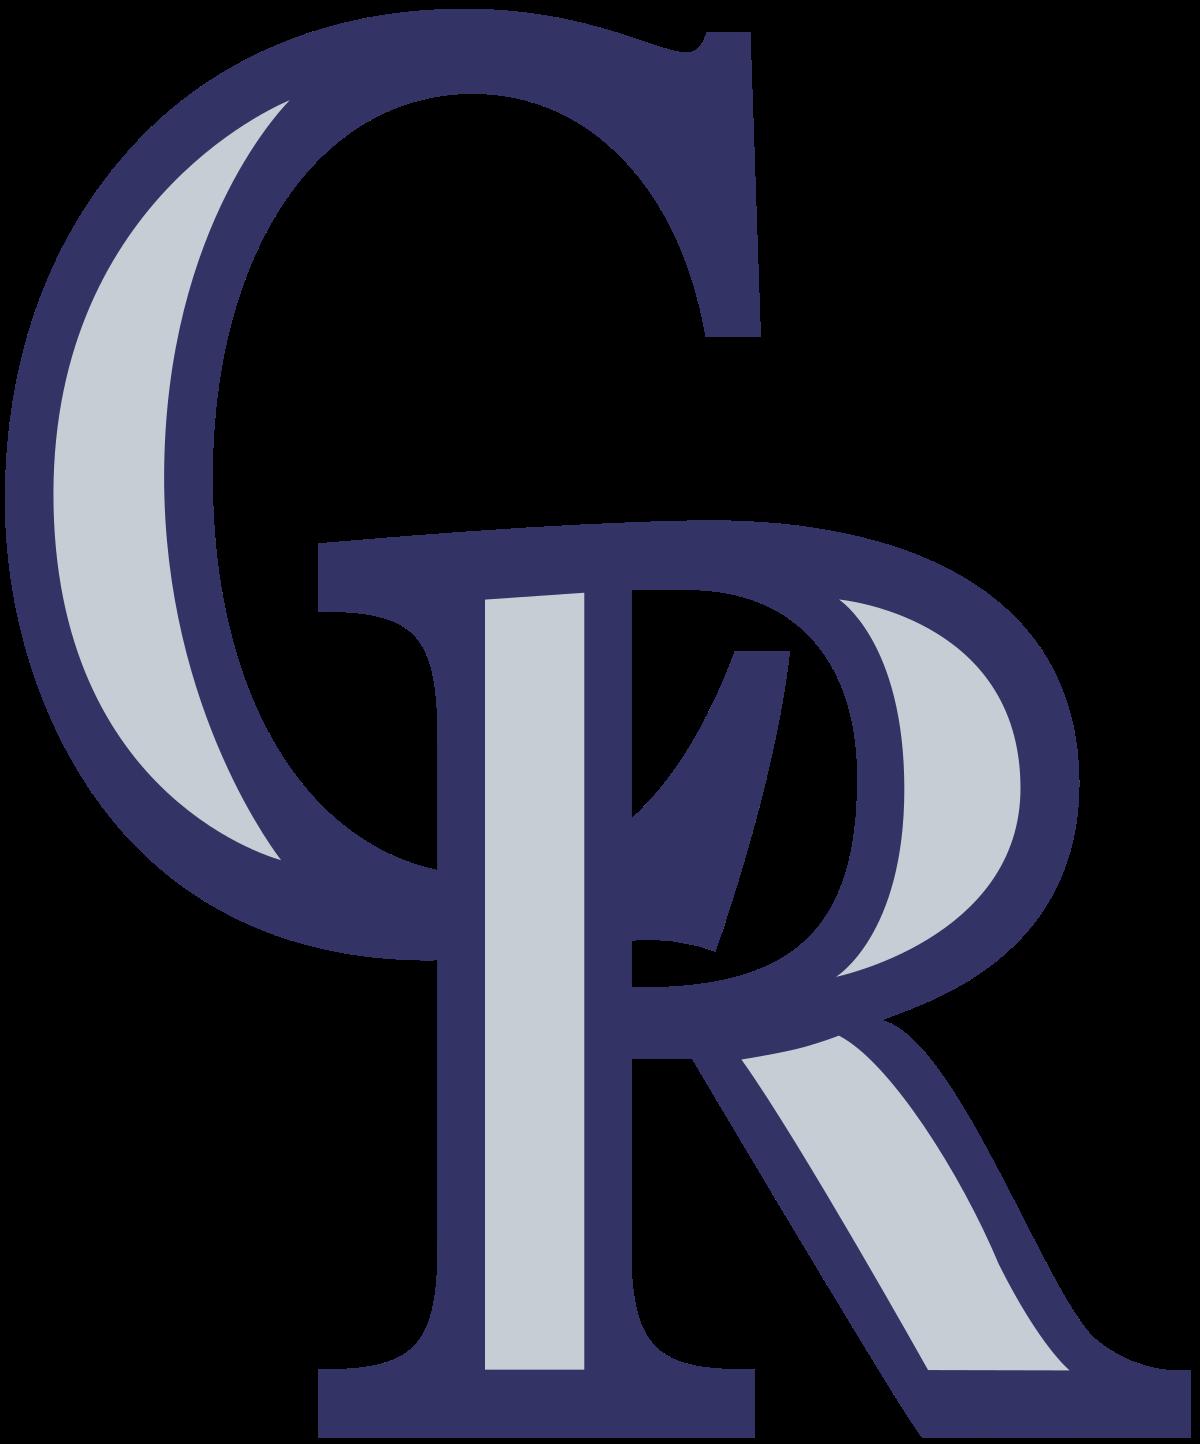 Colorado rockies clipart clip art freeuse download Colorado Rockies - Wikipedia clip art freeuse download